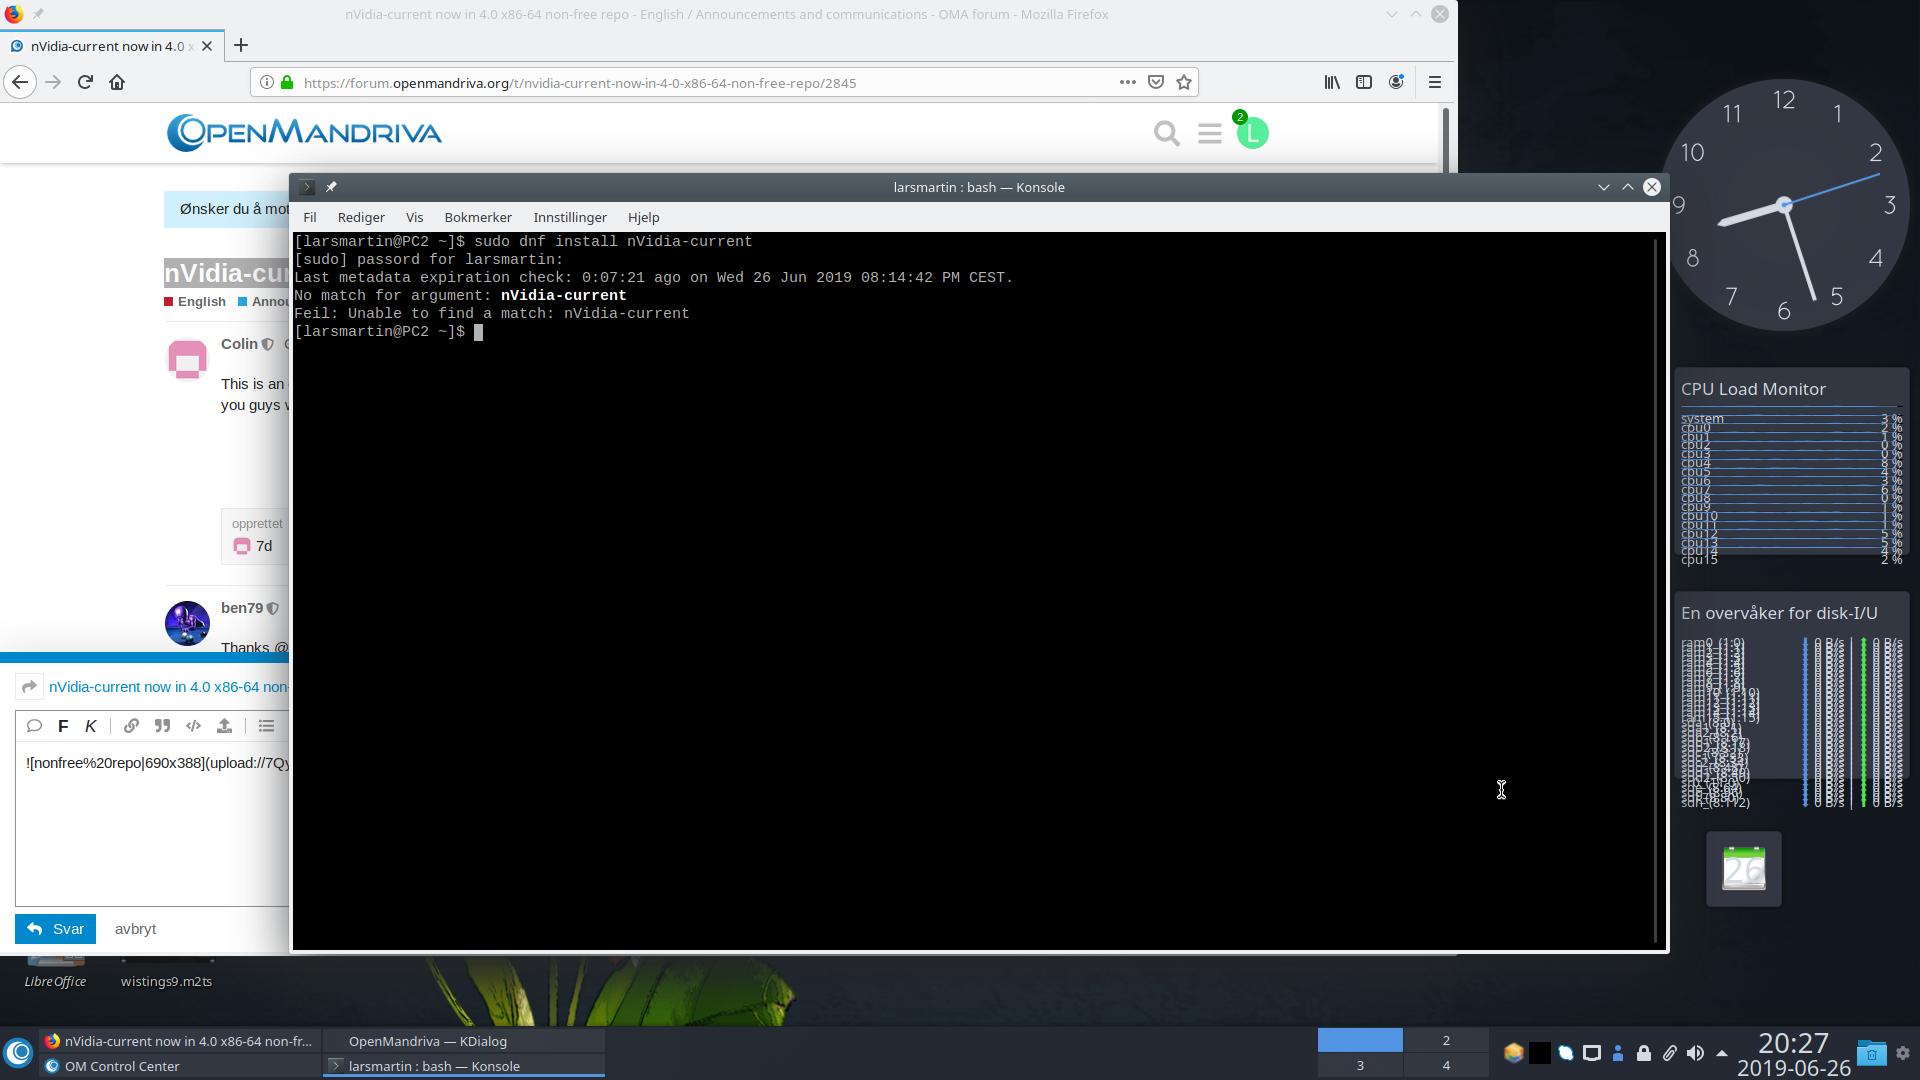 nVidia-current now in 4 0 x86-64 non-free repo - Development